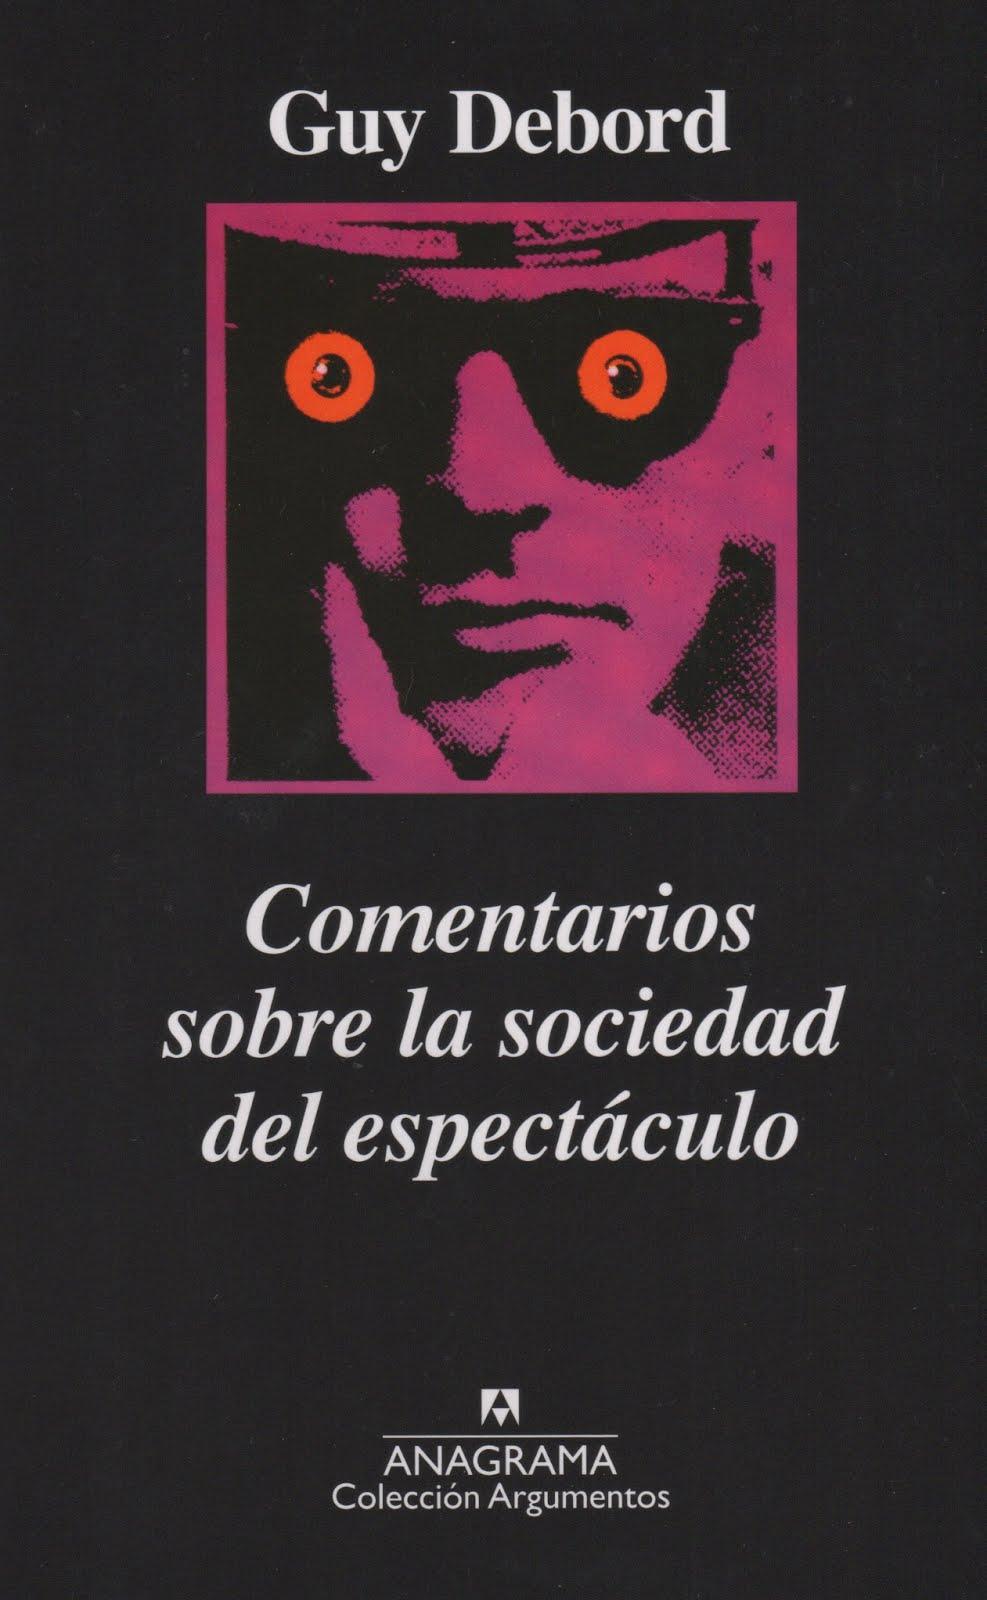 Guy Debord (Comentarios sobre la sociedad del espectáculo)